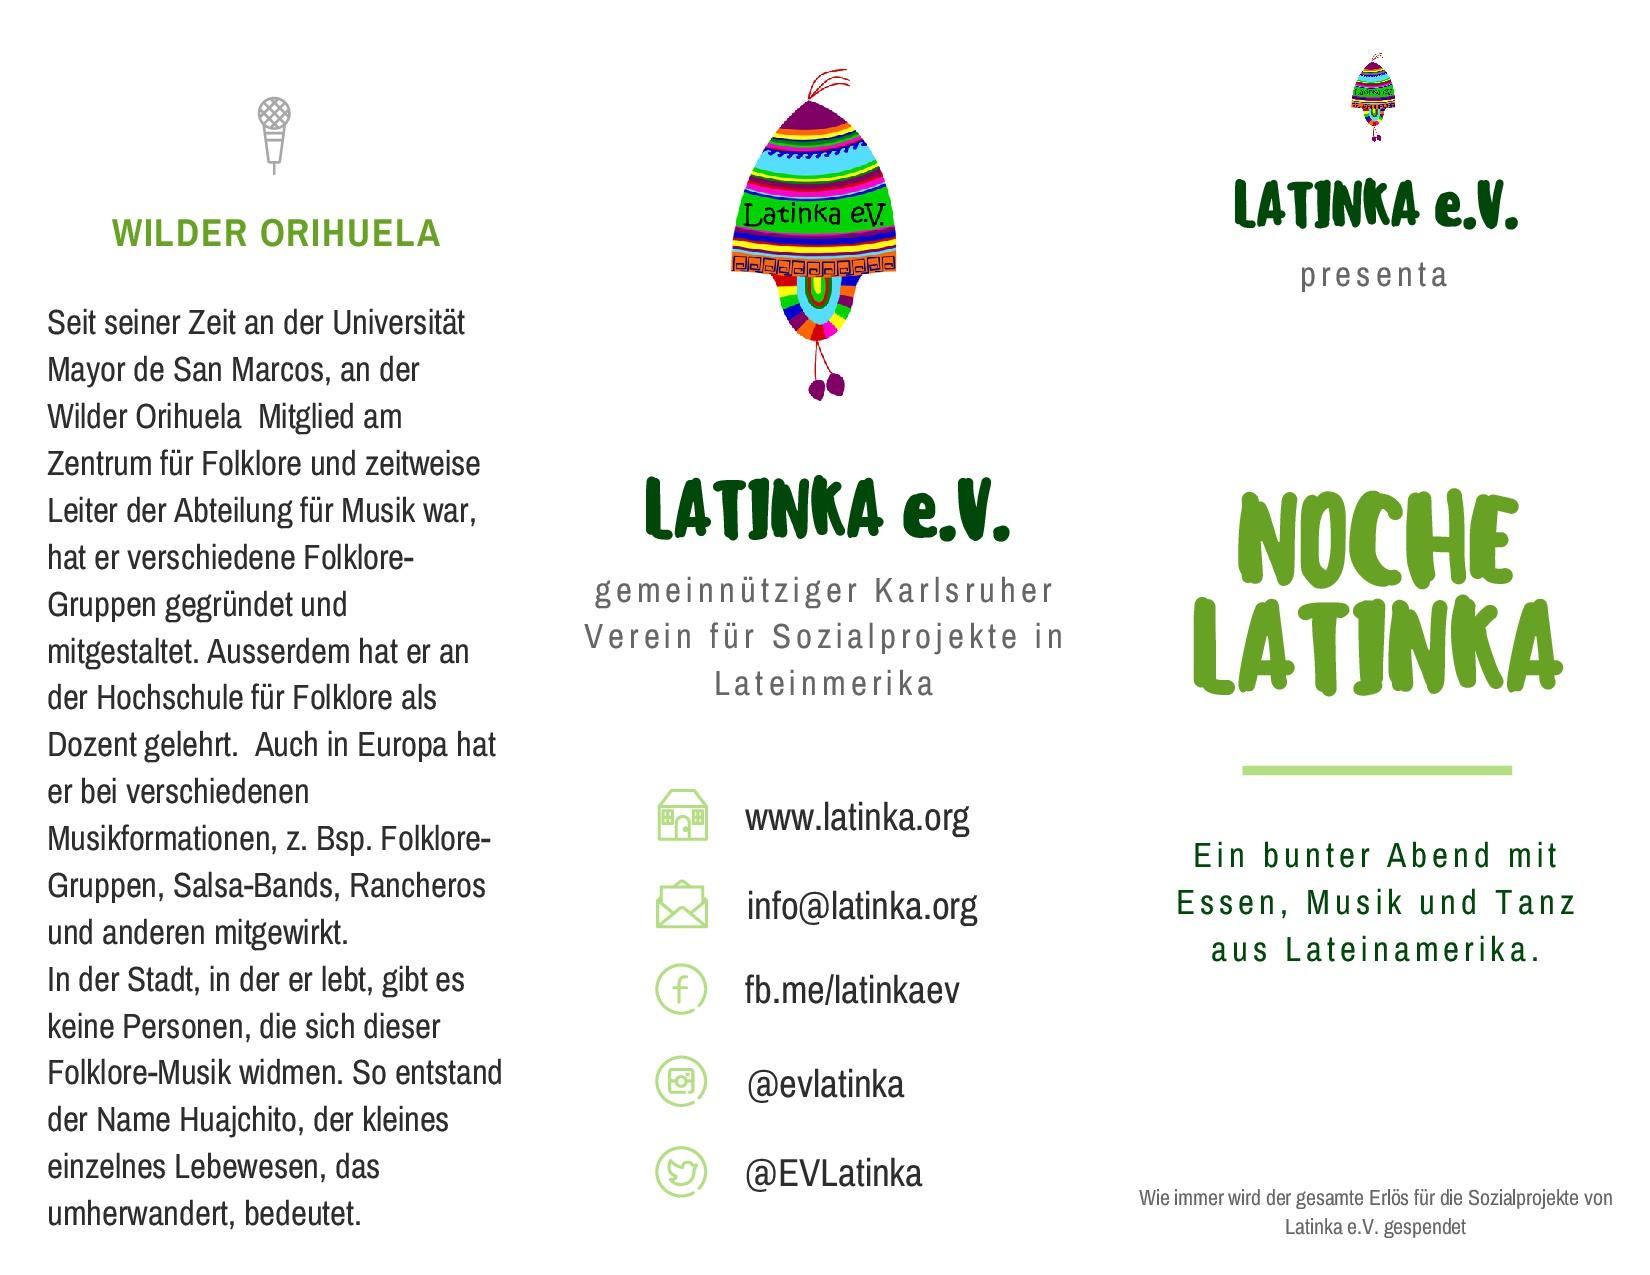 Noche Latinka Flyer